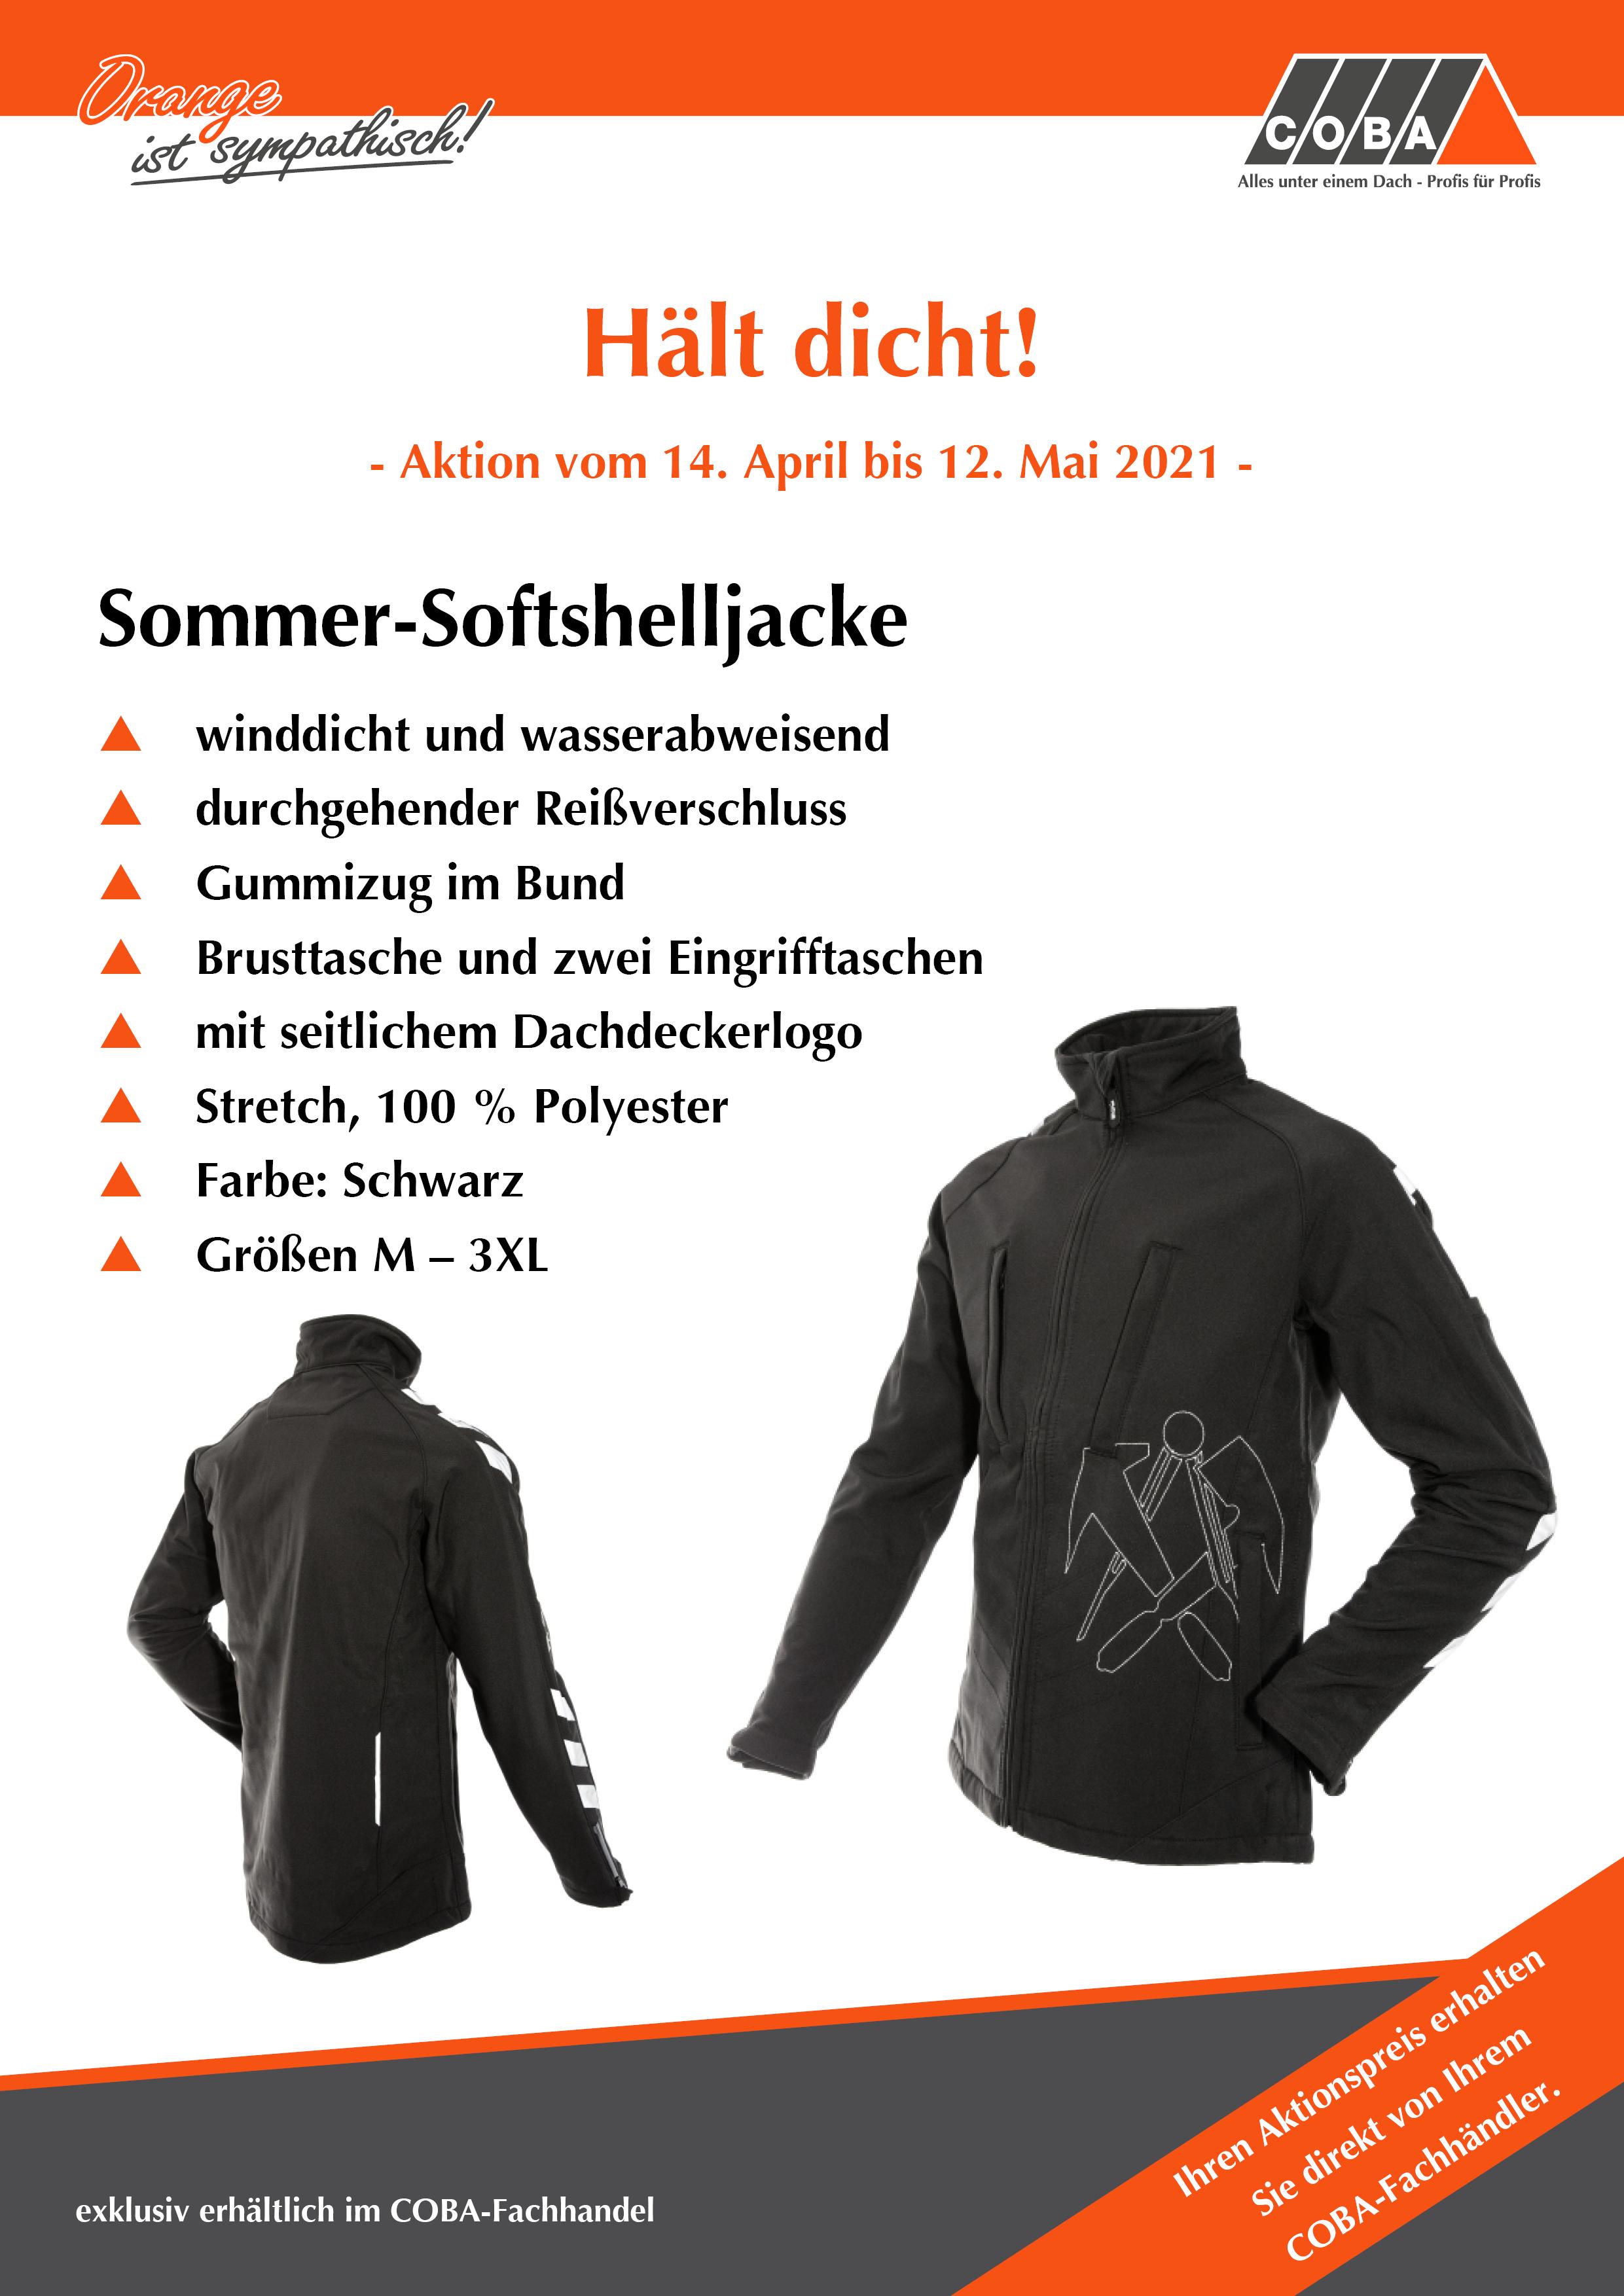 Sommer-Softshelljacke im COBA-Fachhandel zum Aktionspreis!